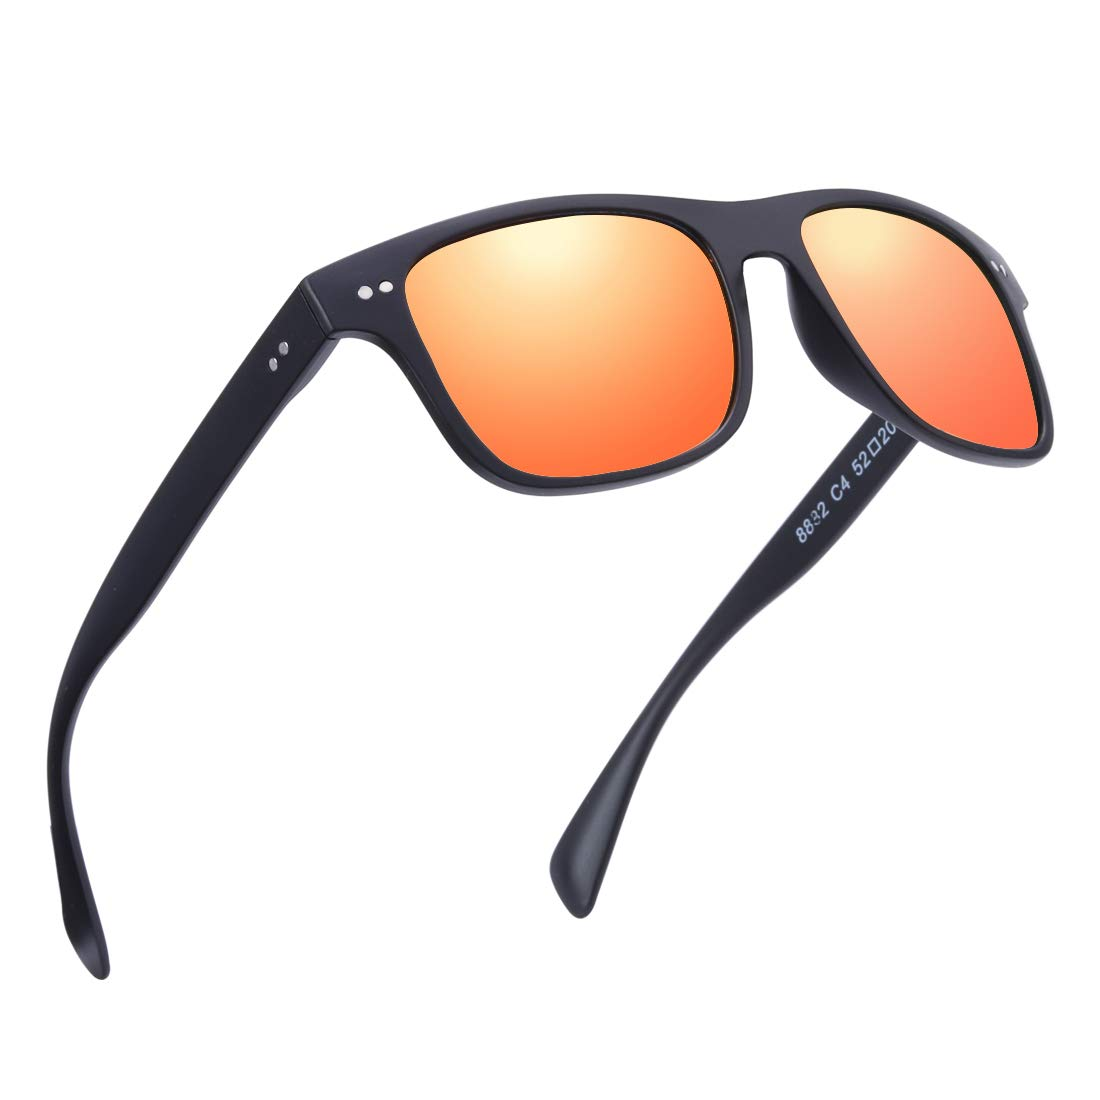 Black  Red Mirror Lenes BRUWEN Night Driving Glasses Wayfarer Sunglasses for Men Women Polarized Uv Predection Hd Lens,UltraLight Fashion Square